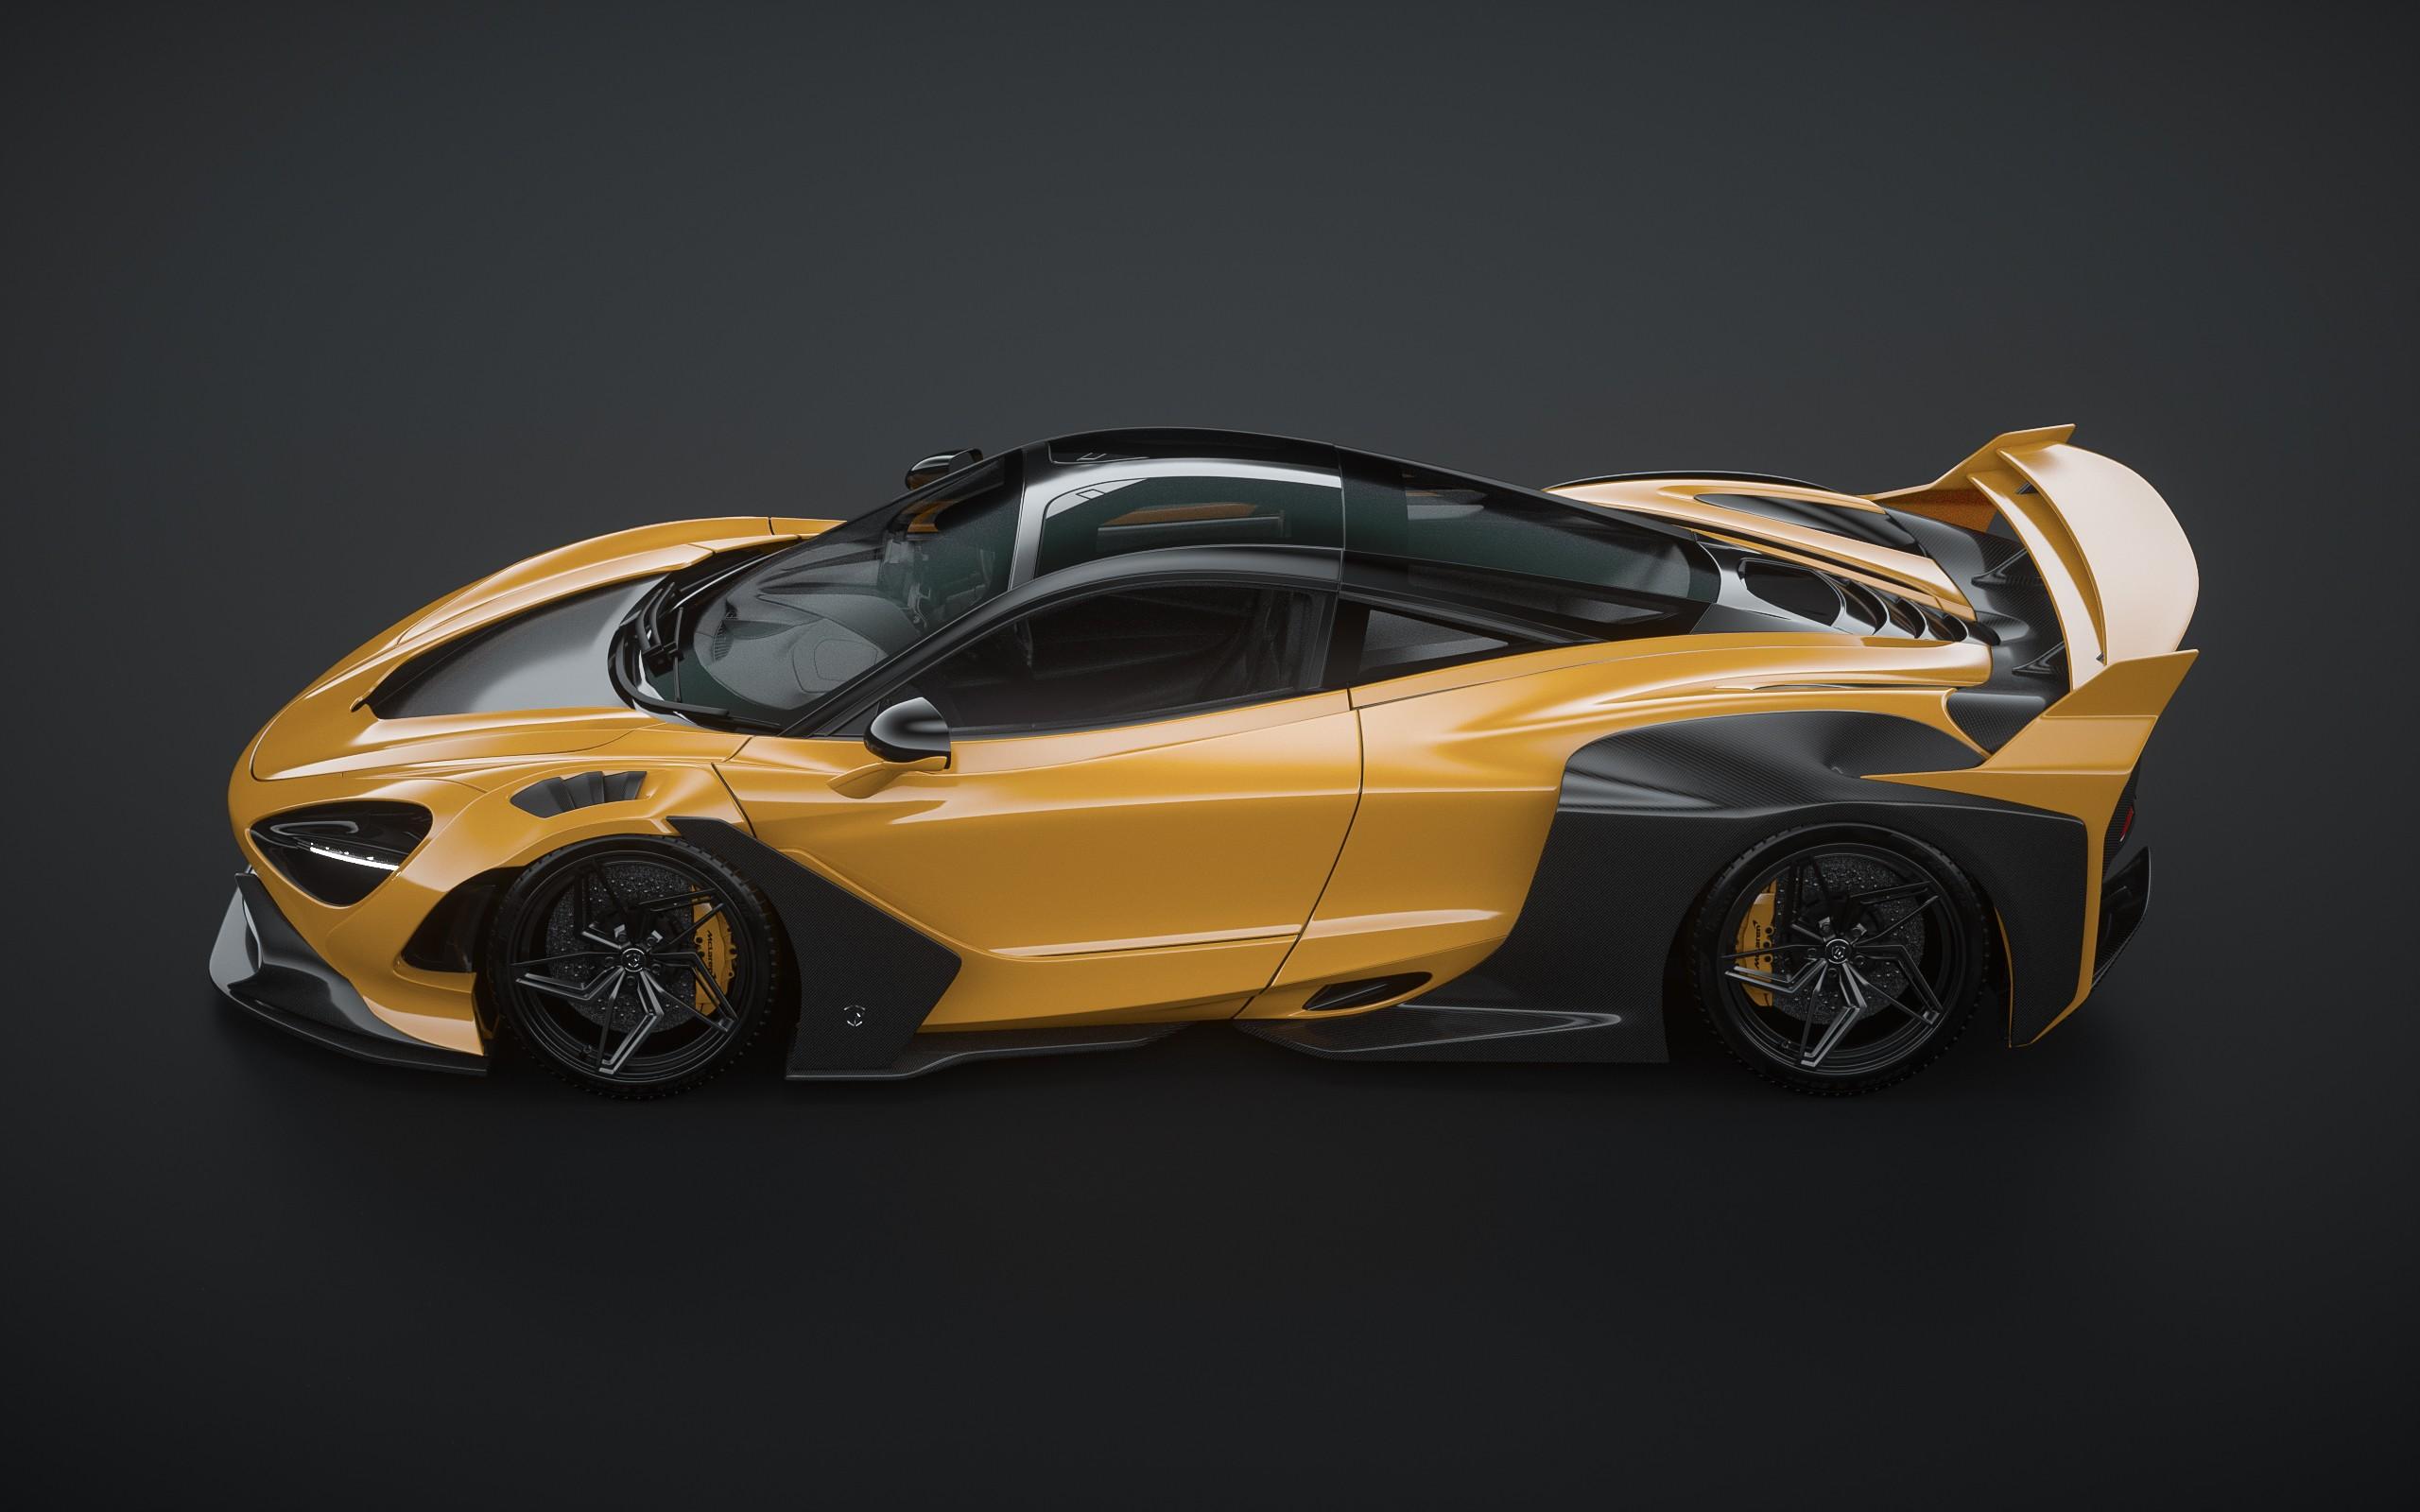 McLaren-720S-by-Zacoe-3